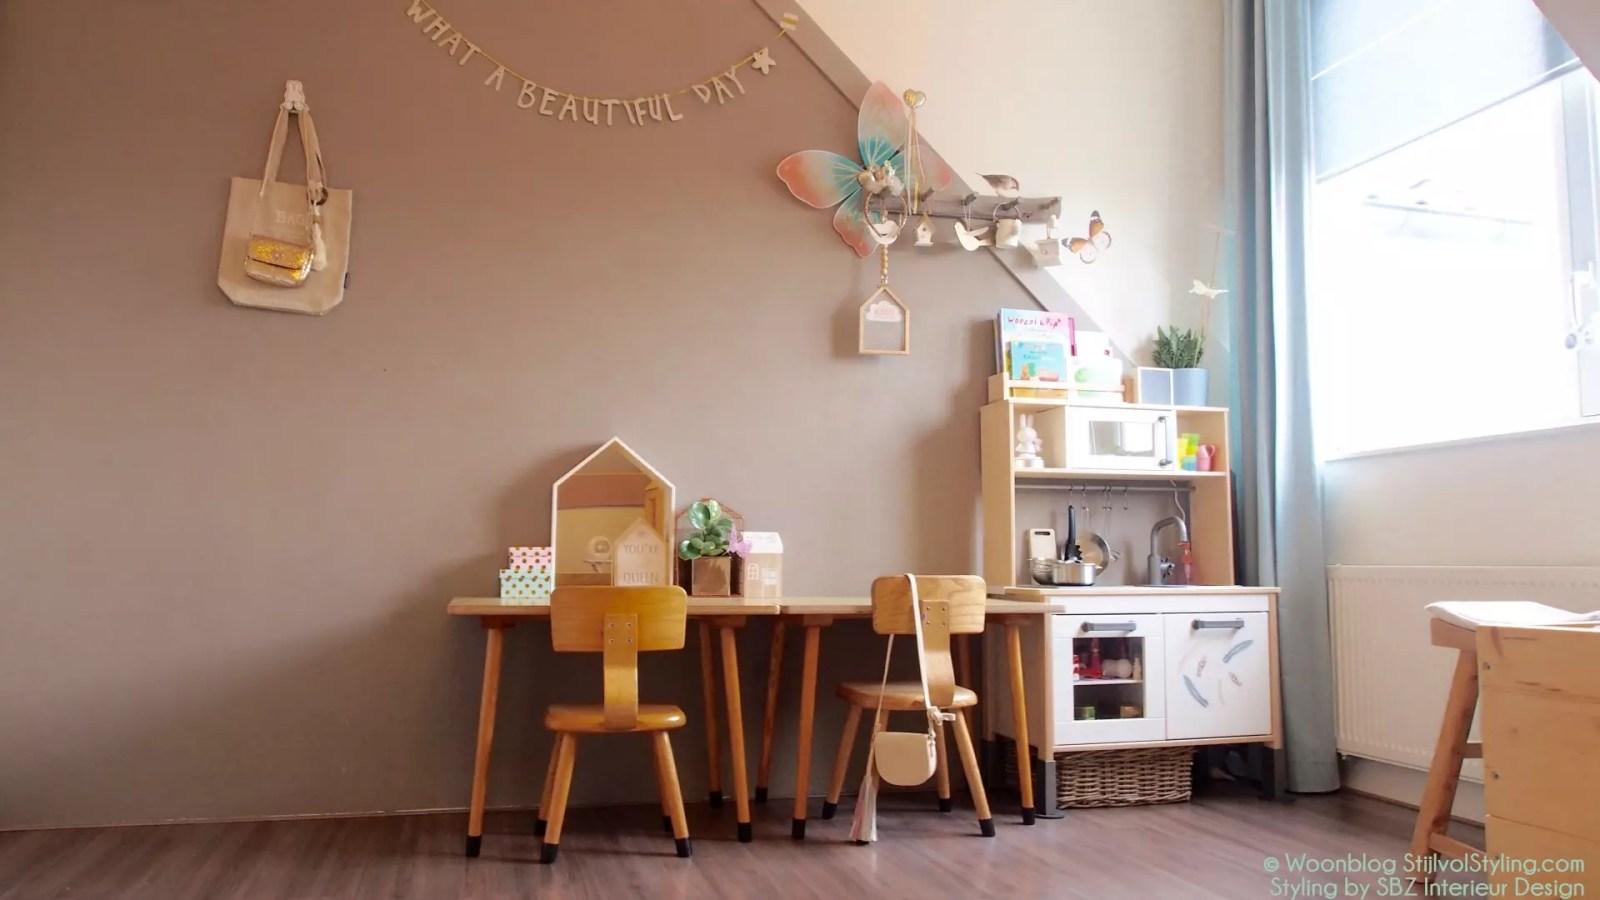 Binnenkijken | Bij blogger & interieur stylist Susanne - Woonblog Stijlvol Styling.com | Styling door Stijlvol Styling onderdeel van sbzinterieurdesign.nl